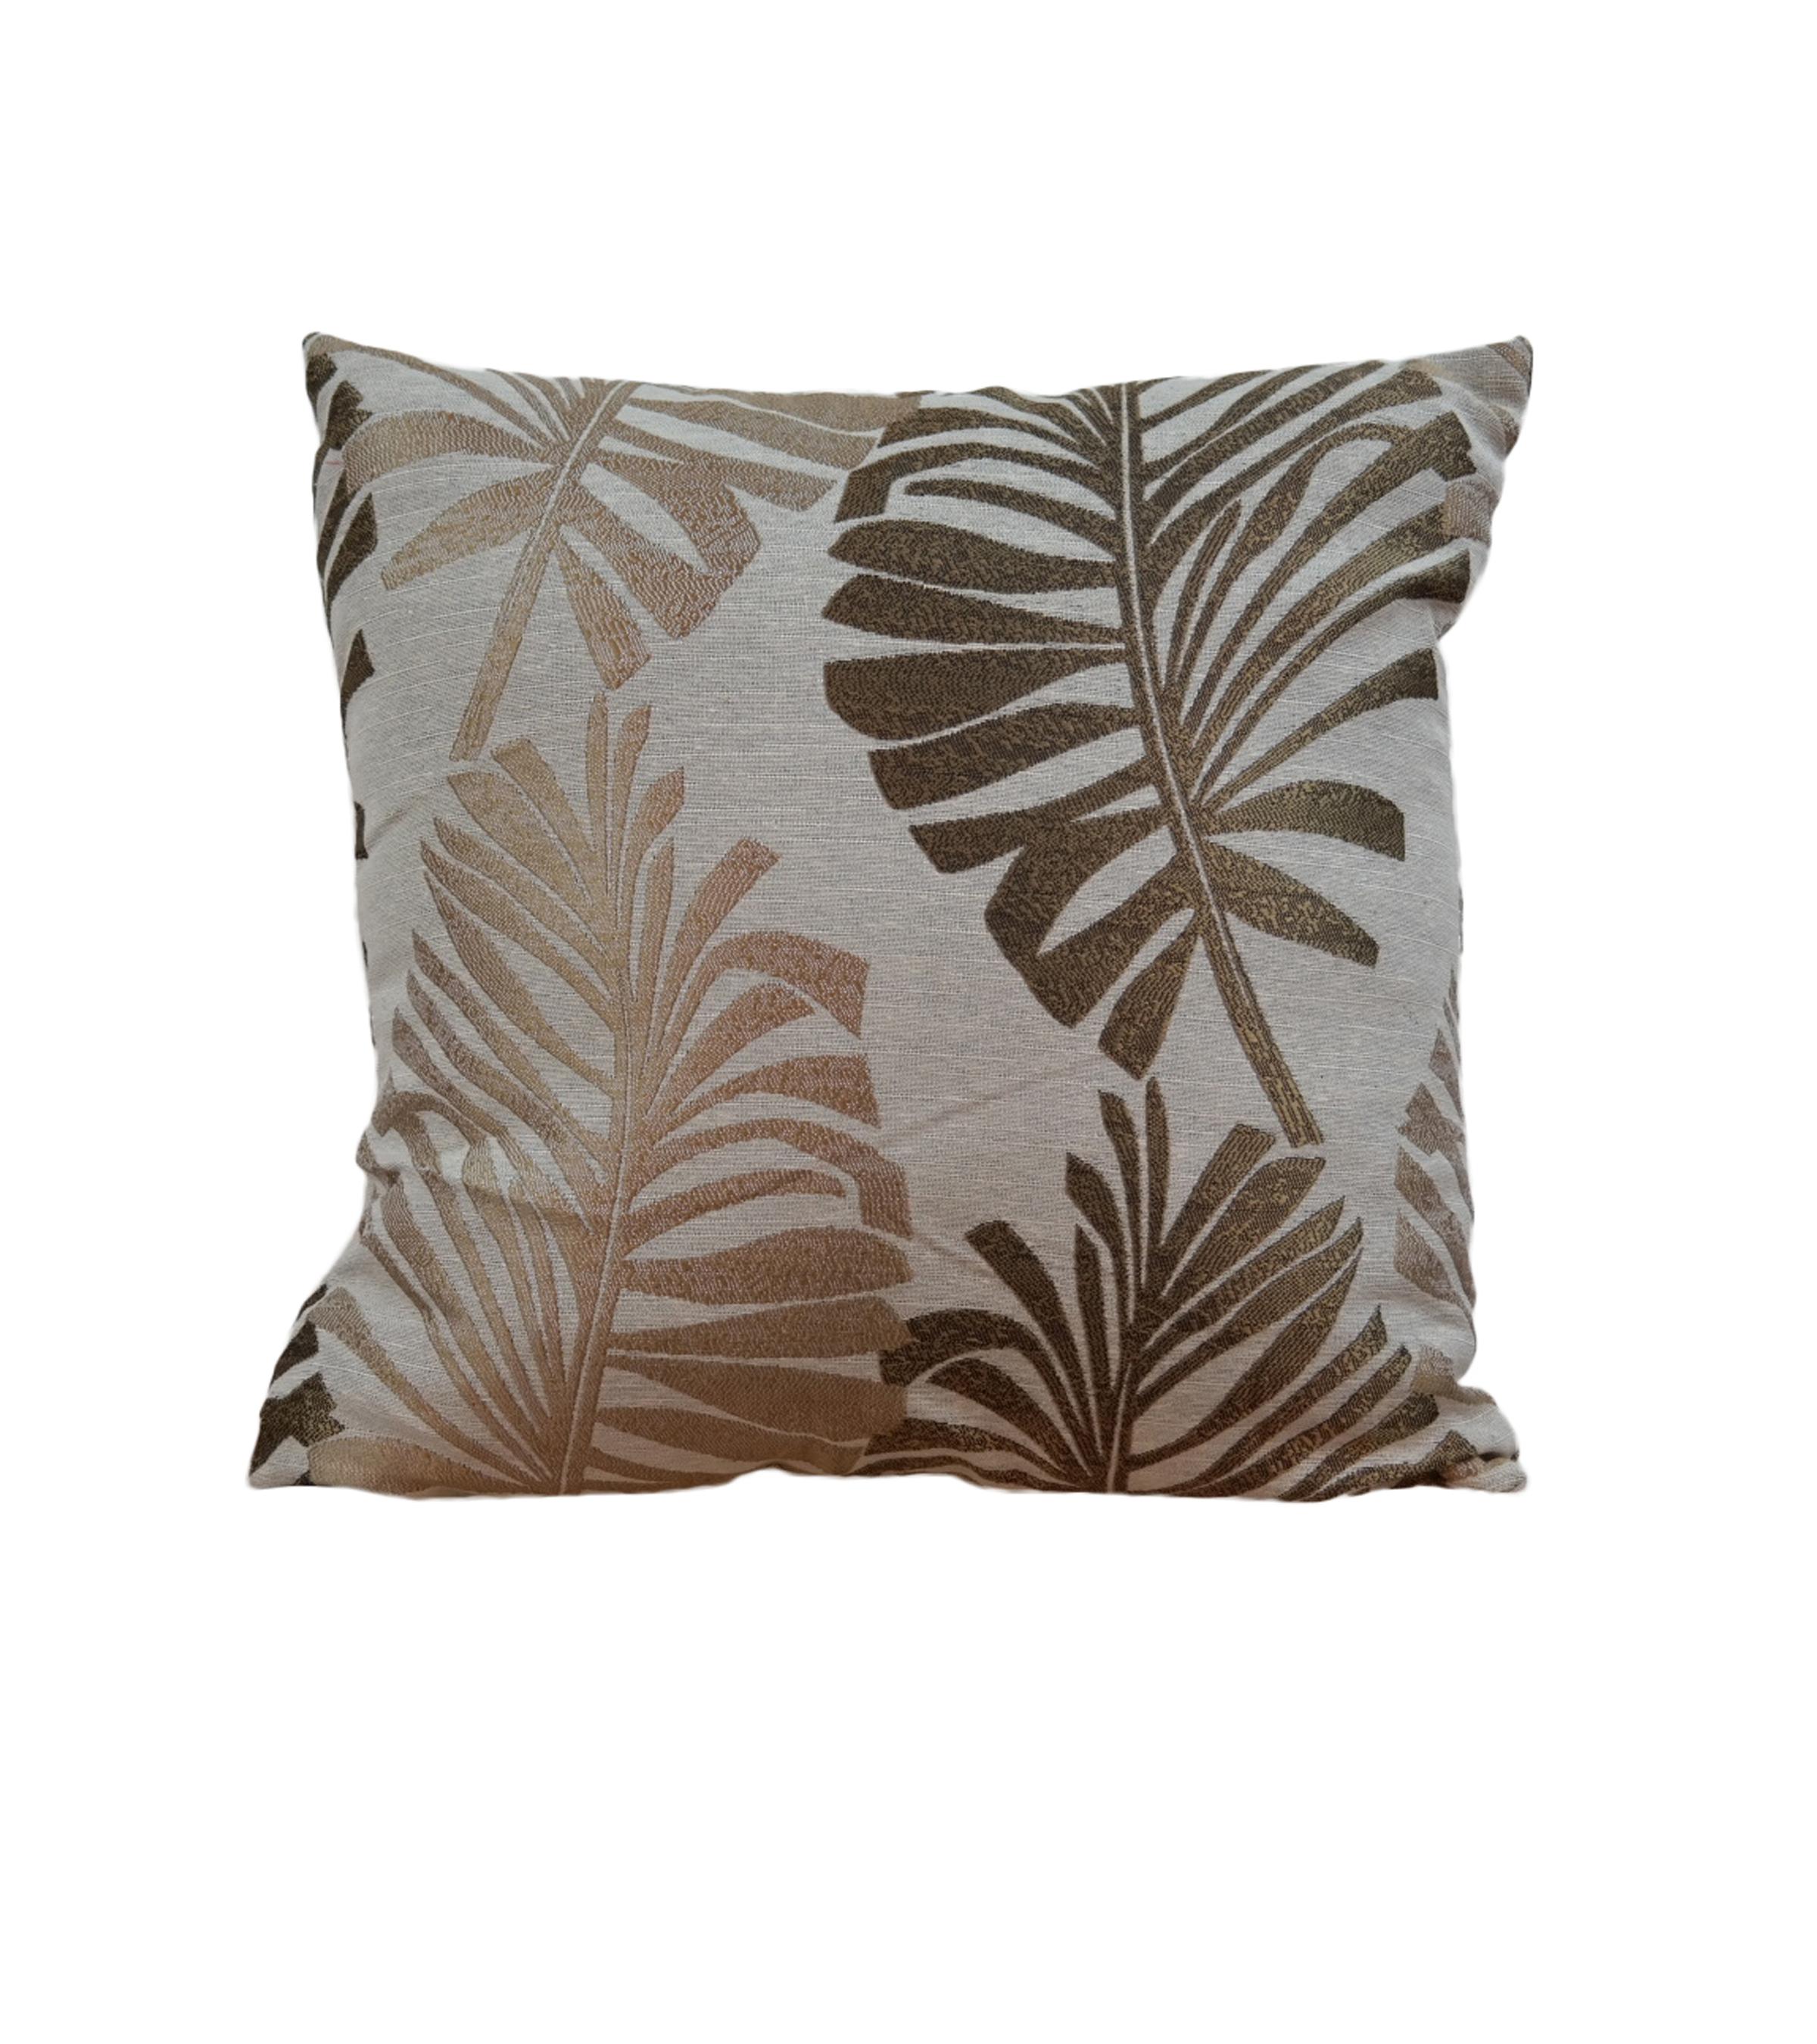 'Miami' cushion